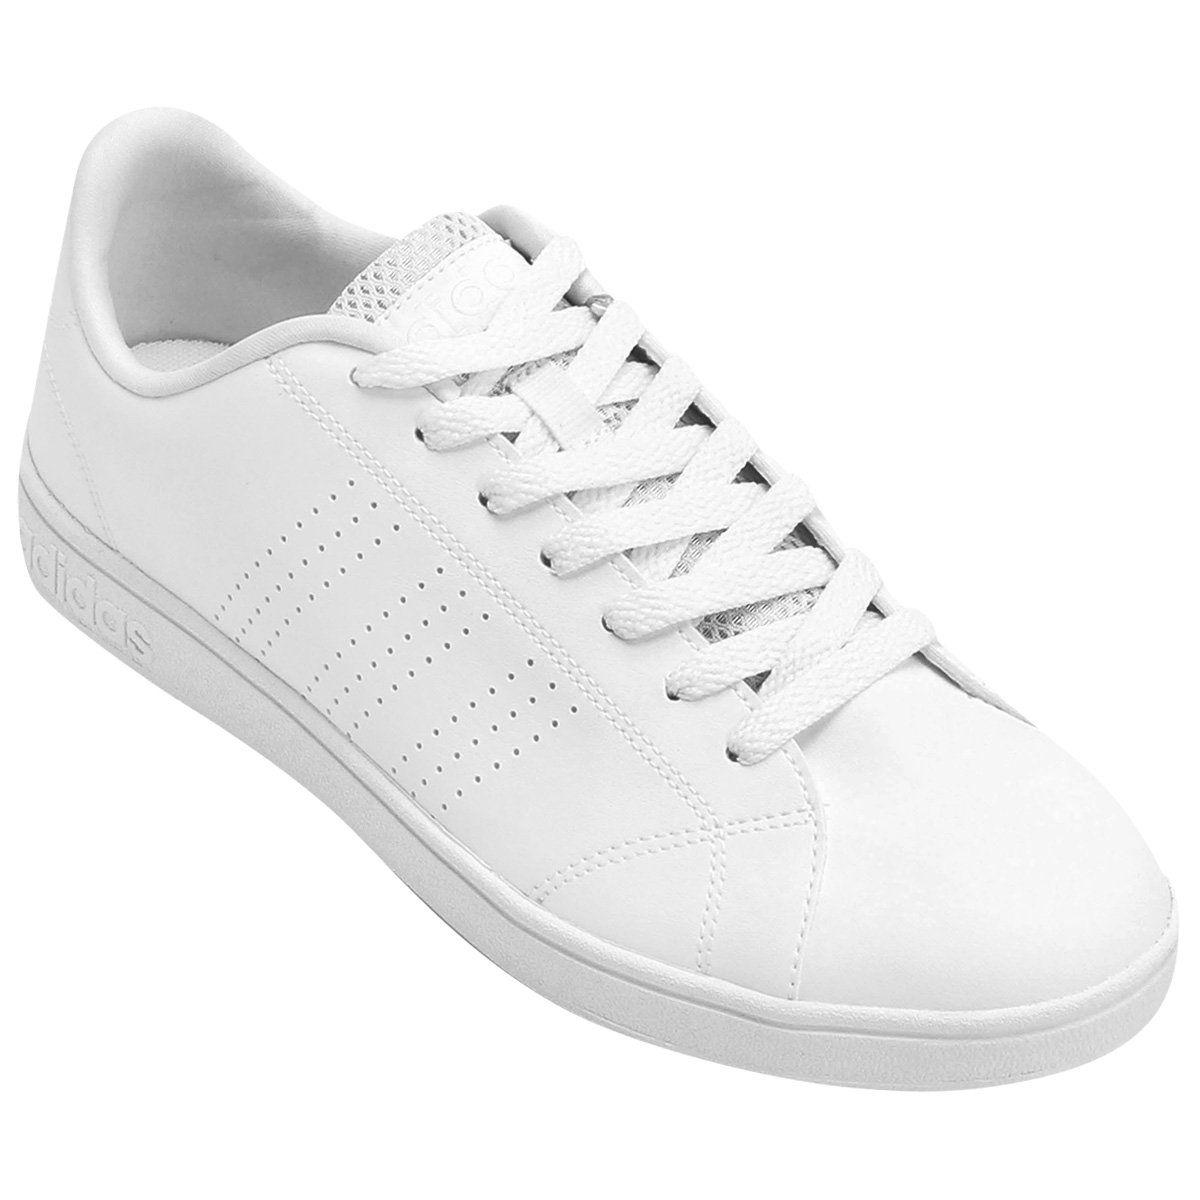 Tenis Adidas Vs Advantage - B74685